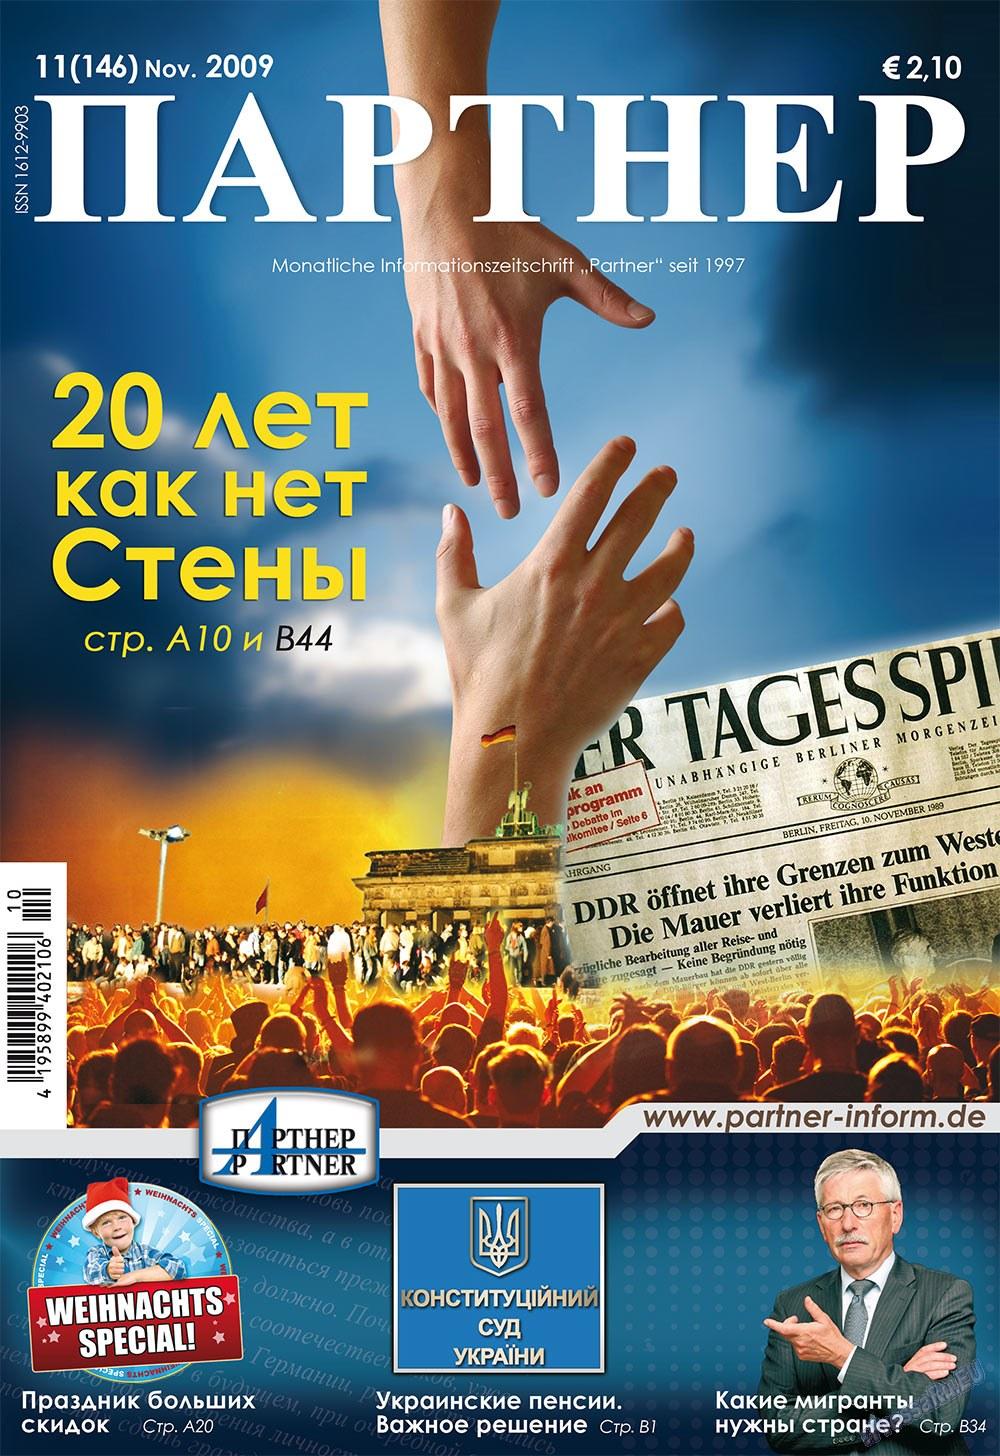 Партнер (журнал). 2009 год, номер 11, стр. 1